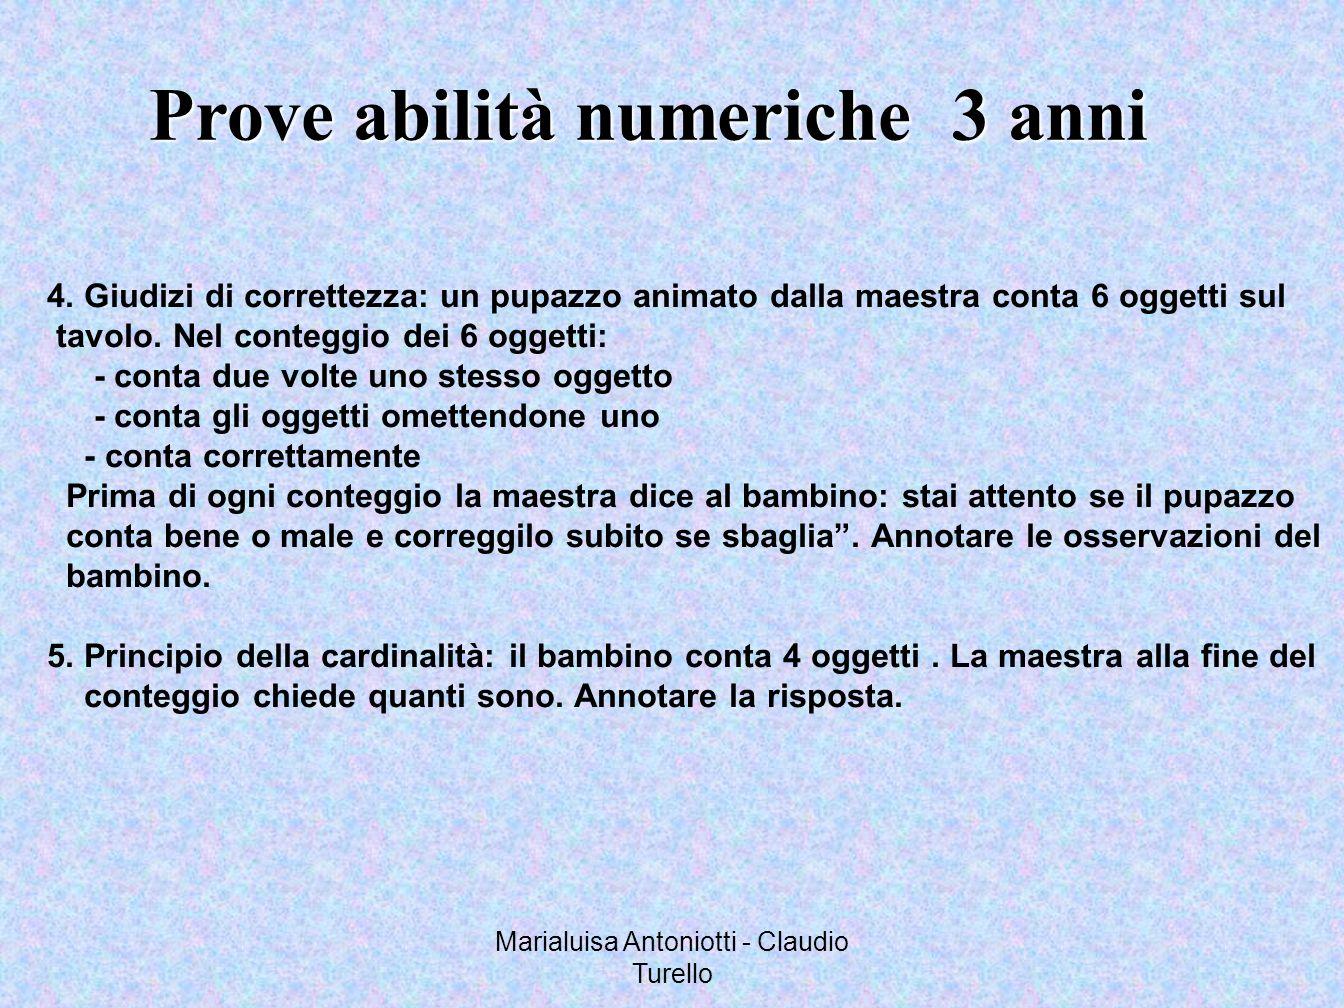 Marialuisa Antoniotti - Claudio Turello Prove abilità numeriche 3 anni 4. Giudizi di correttezza: un pupazzo animato dalla maestra conta 6 oggetti sul